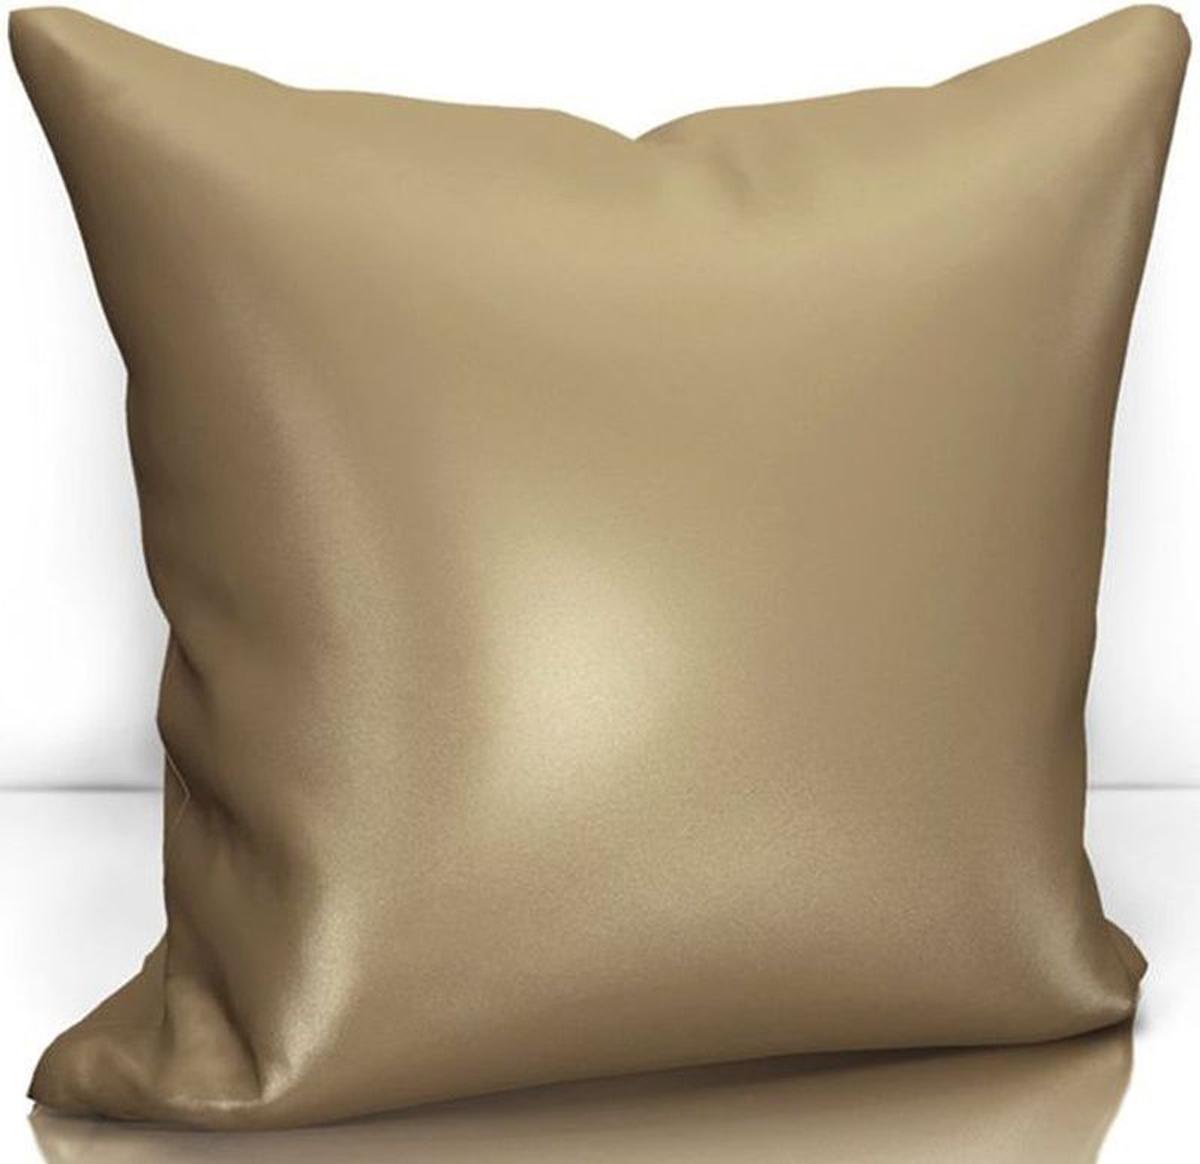 """Декоративная подушка """"KauffOrt """" прекрасно дополнит интерьер спальни или гостиной. Чехол  подушки выполнен из сатена (100% полиэстер). Внутри находится мягкий наполнитель.  Чехол легко снимается  благодаря потайной молнии."""